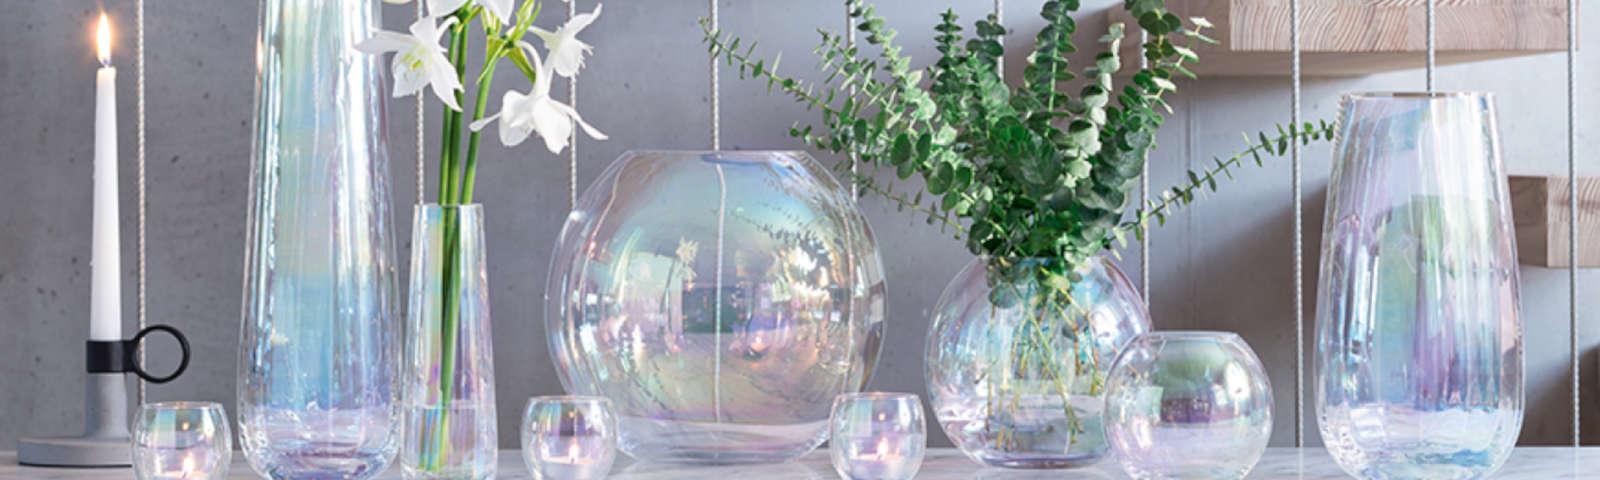 вазы на стол фото